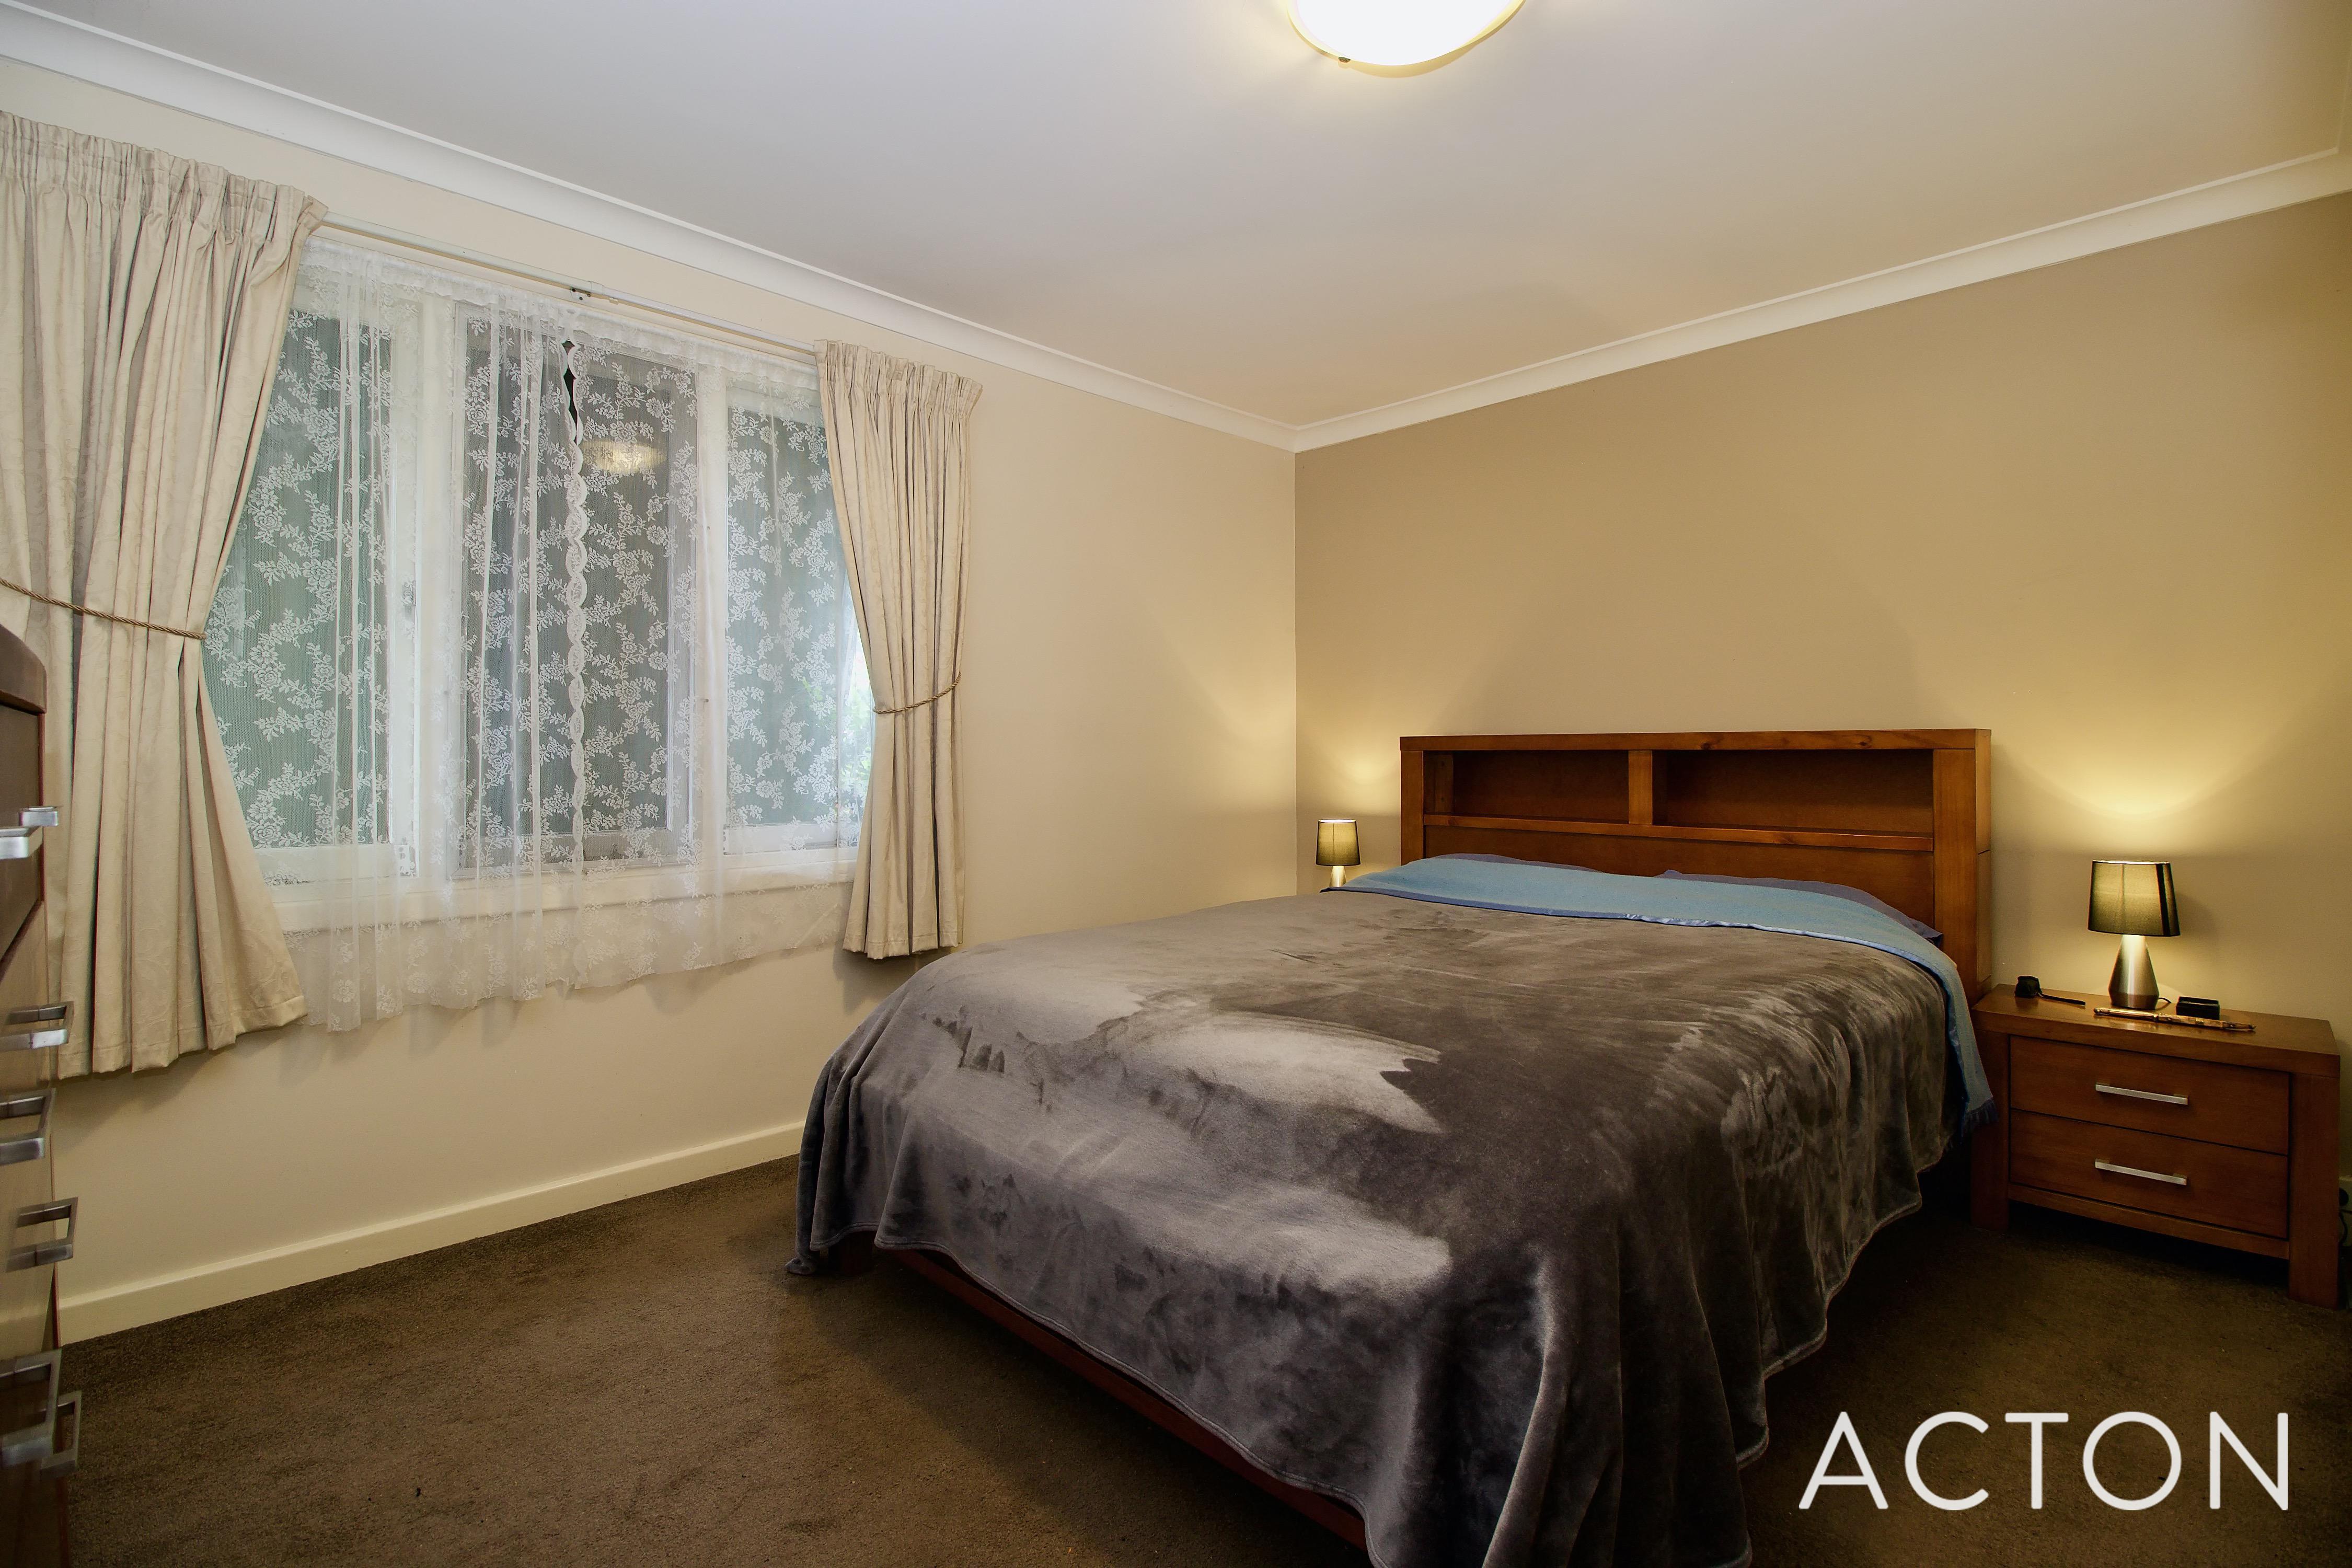 53 Ougden Way Medina - House For Sale - 22677980 - ACTON Rockingham